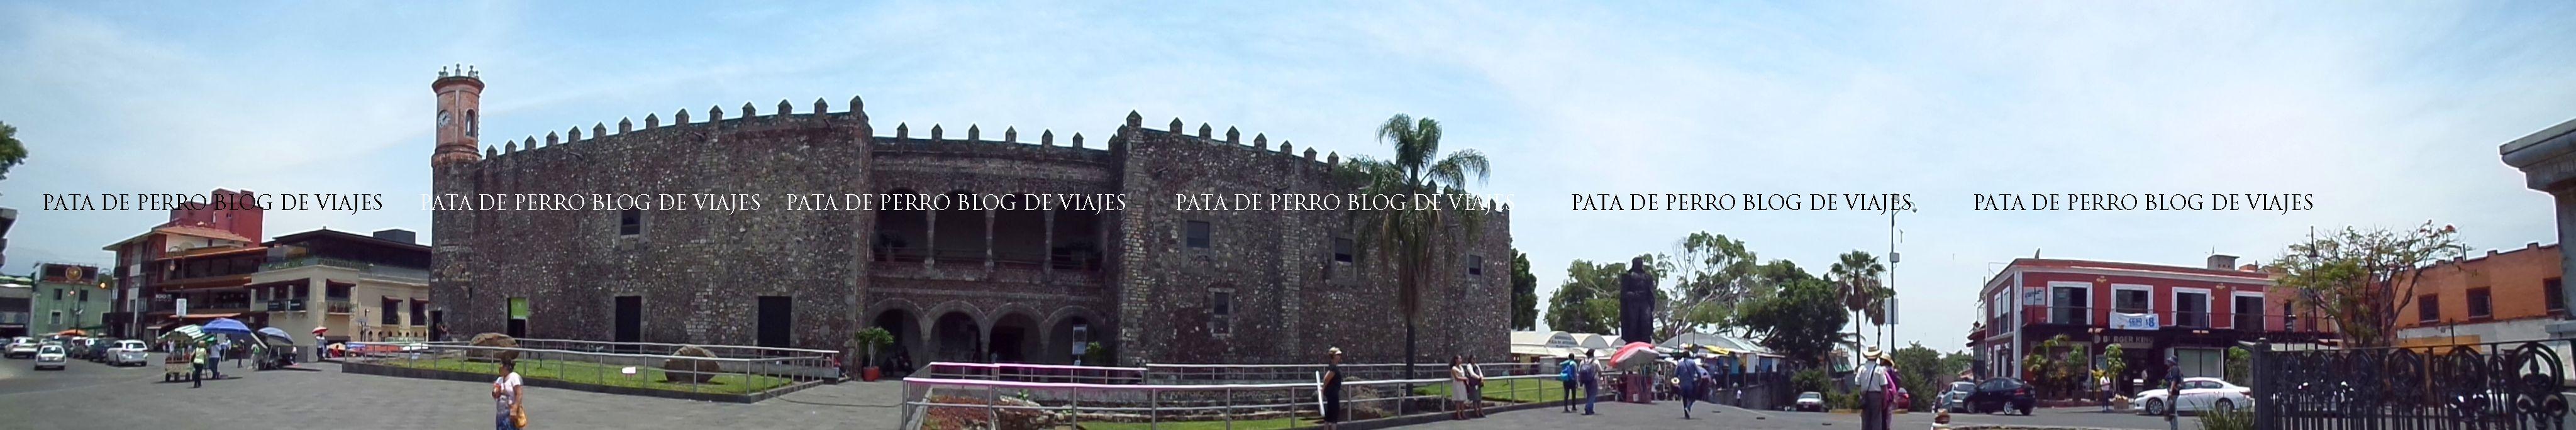 palacio de cortés cuernavaca cuauhnahuac morelos mexico pata de perro blog de viajes27